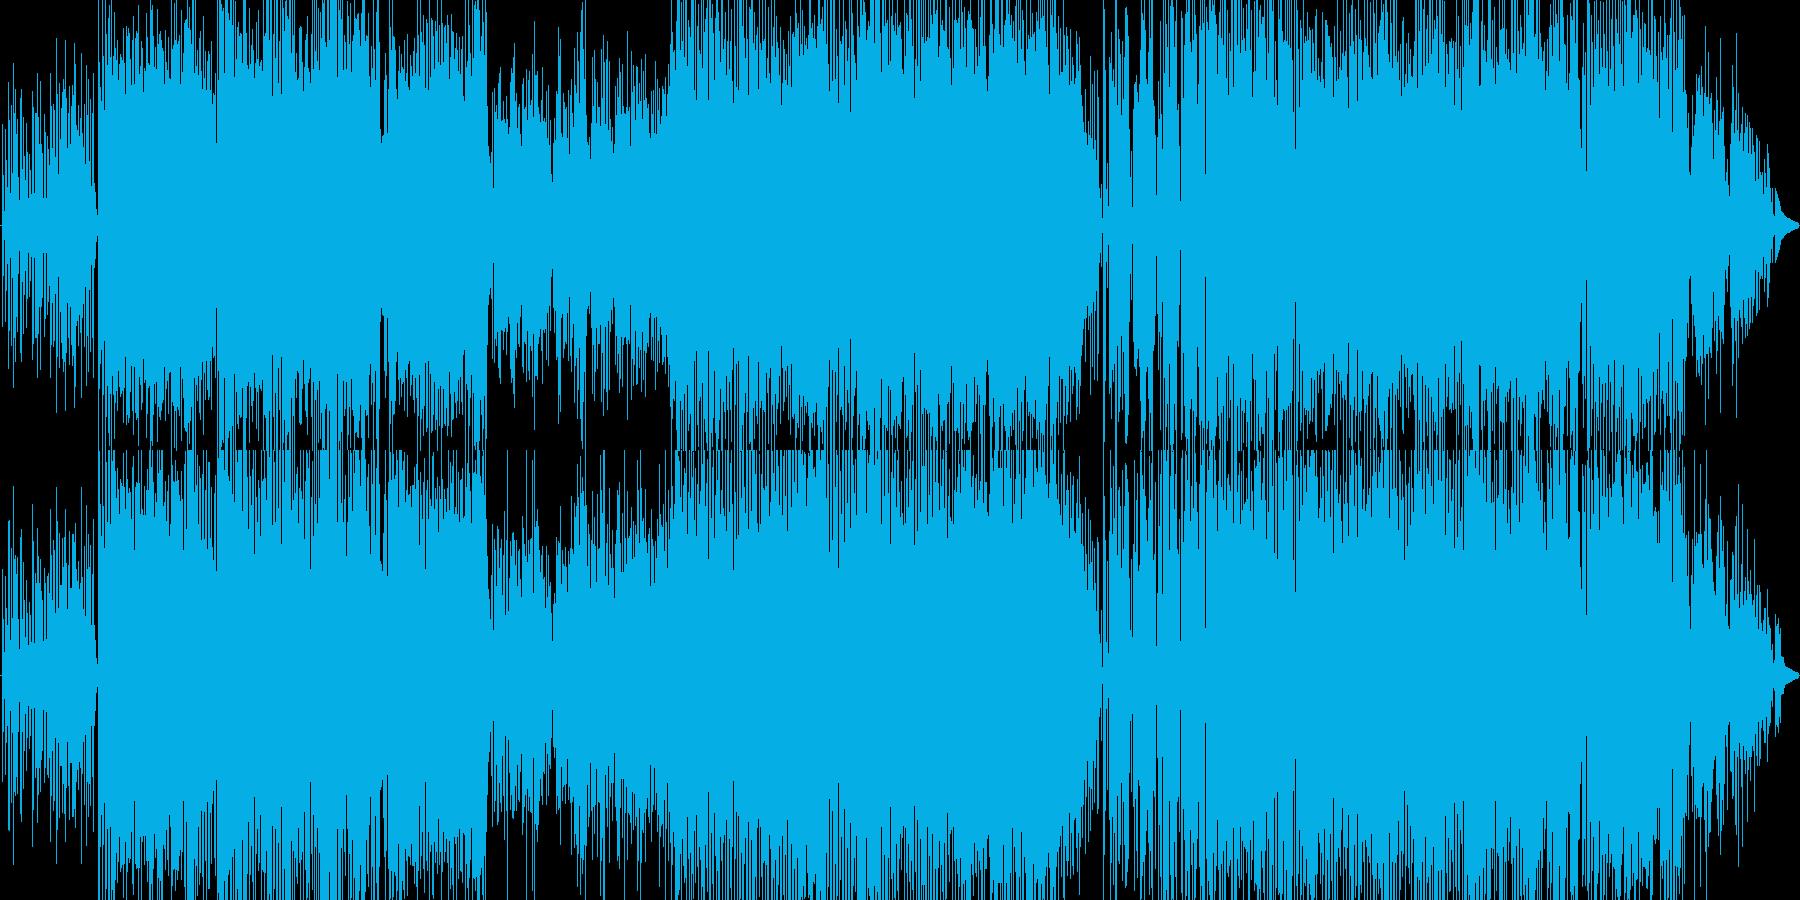 オシャレで高級感があるが、アツいビートの再生済みの波形